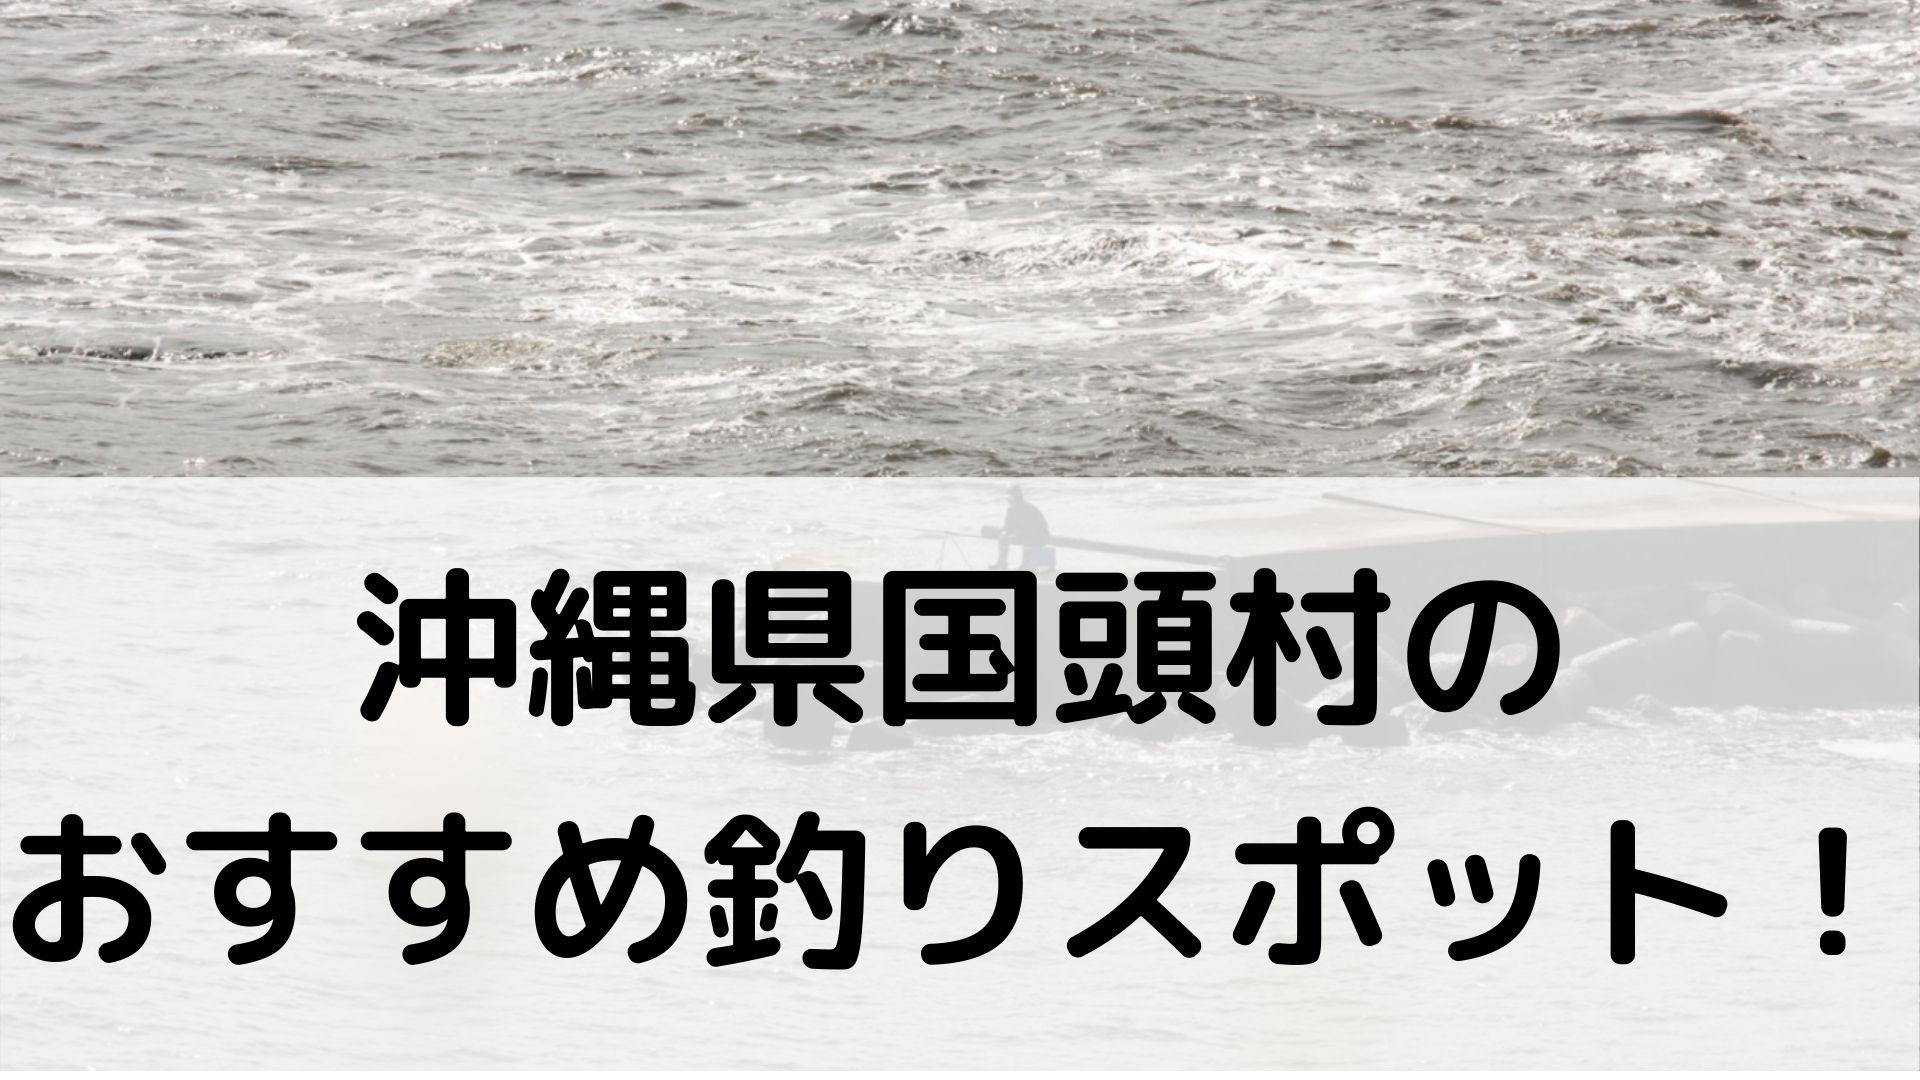 沖縄県国頭村のおすすめ釣りスポットに関する参考画像